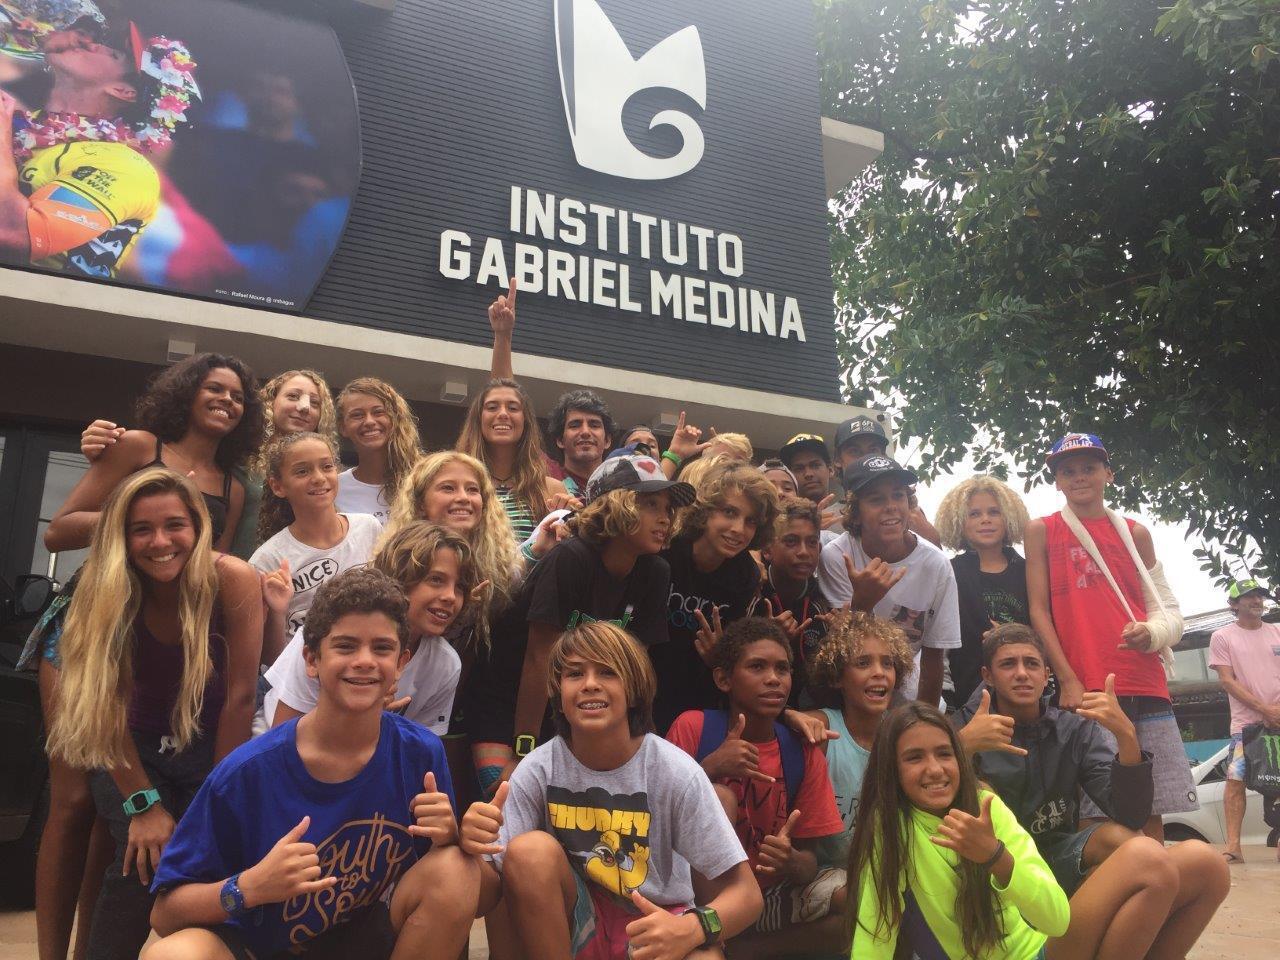 Charles e atletas do Instituto Gabriel Medina